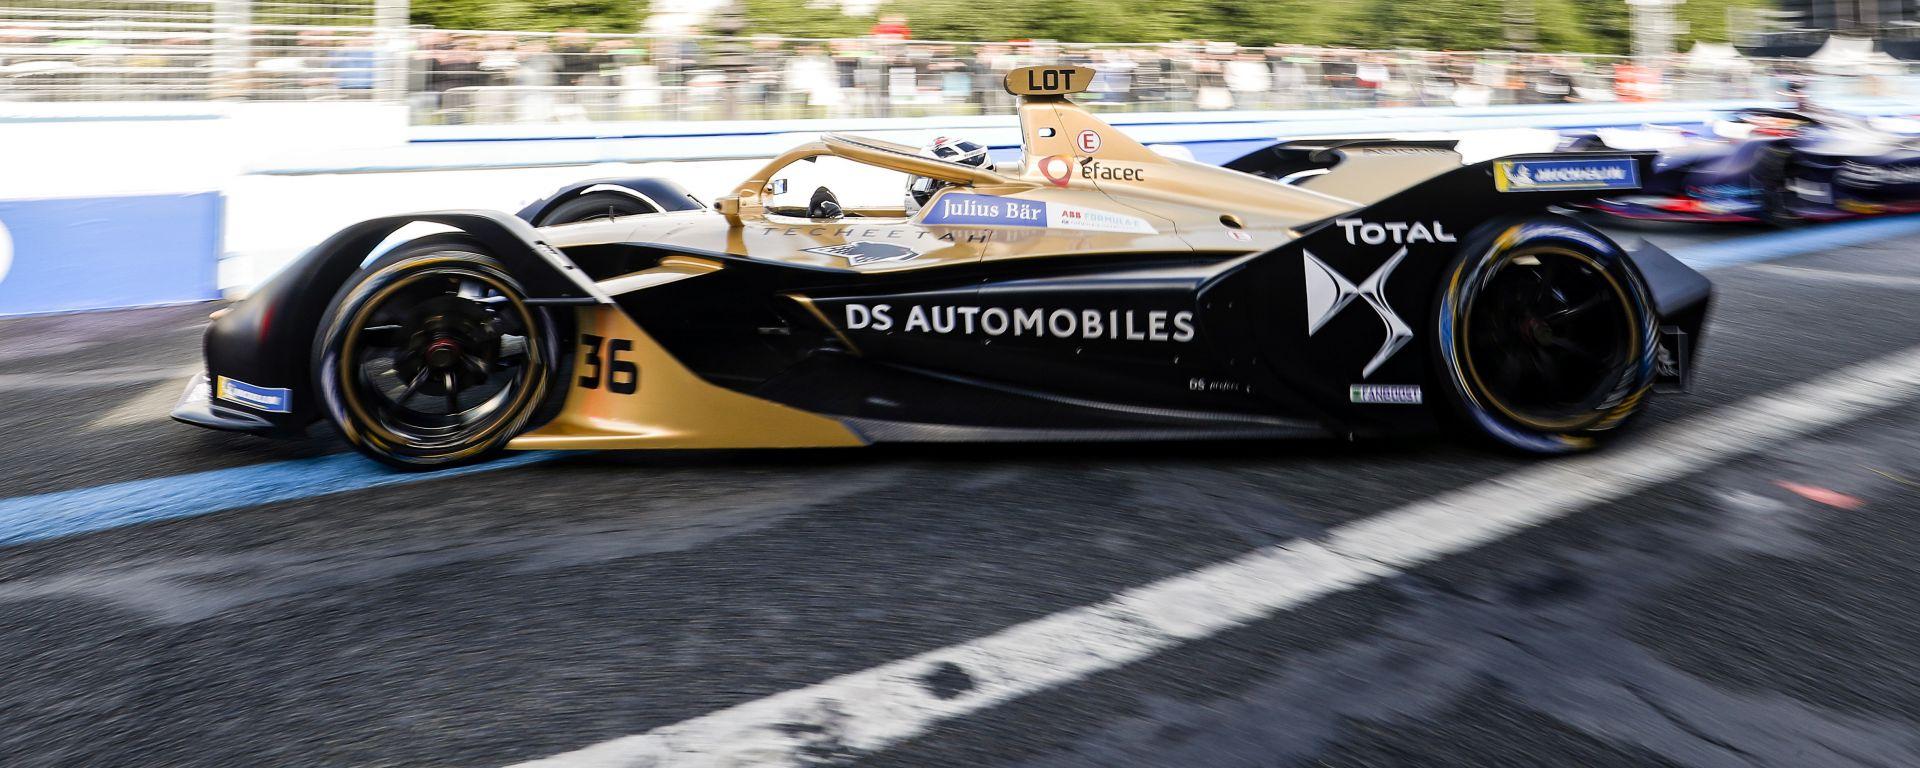 La DS Techeetah di André Lotterer durante l'ePrix di Parigi